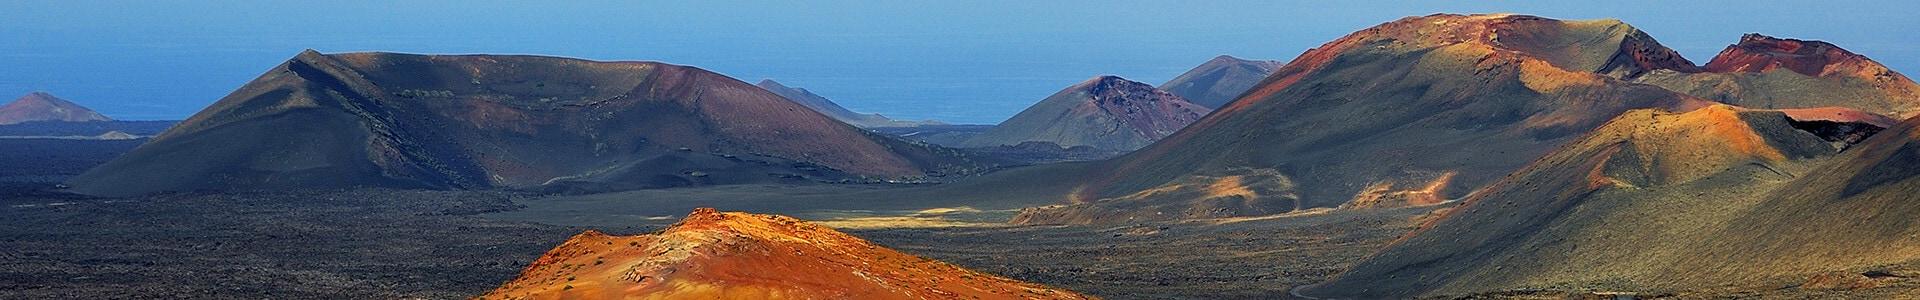 Voyage a Lanzarote - TUI